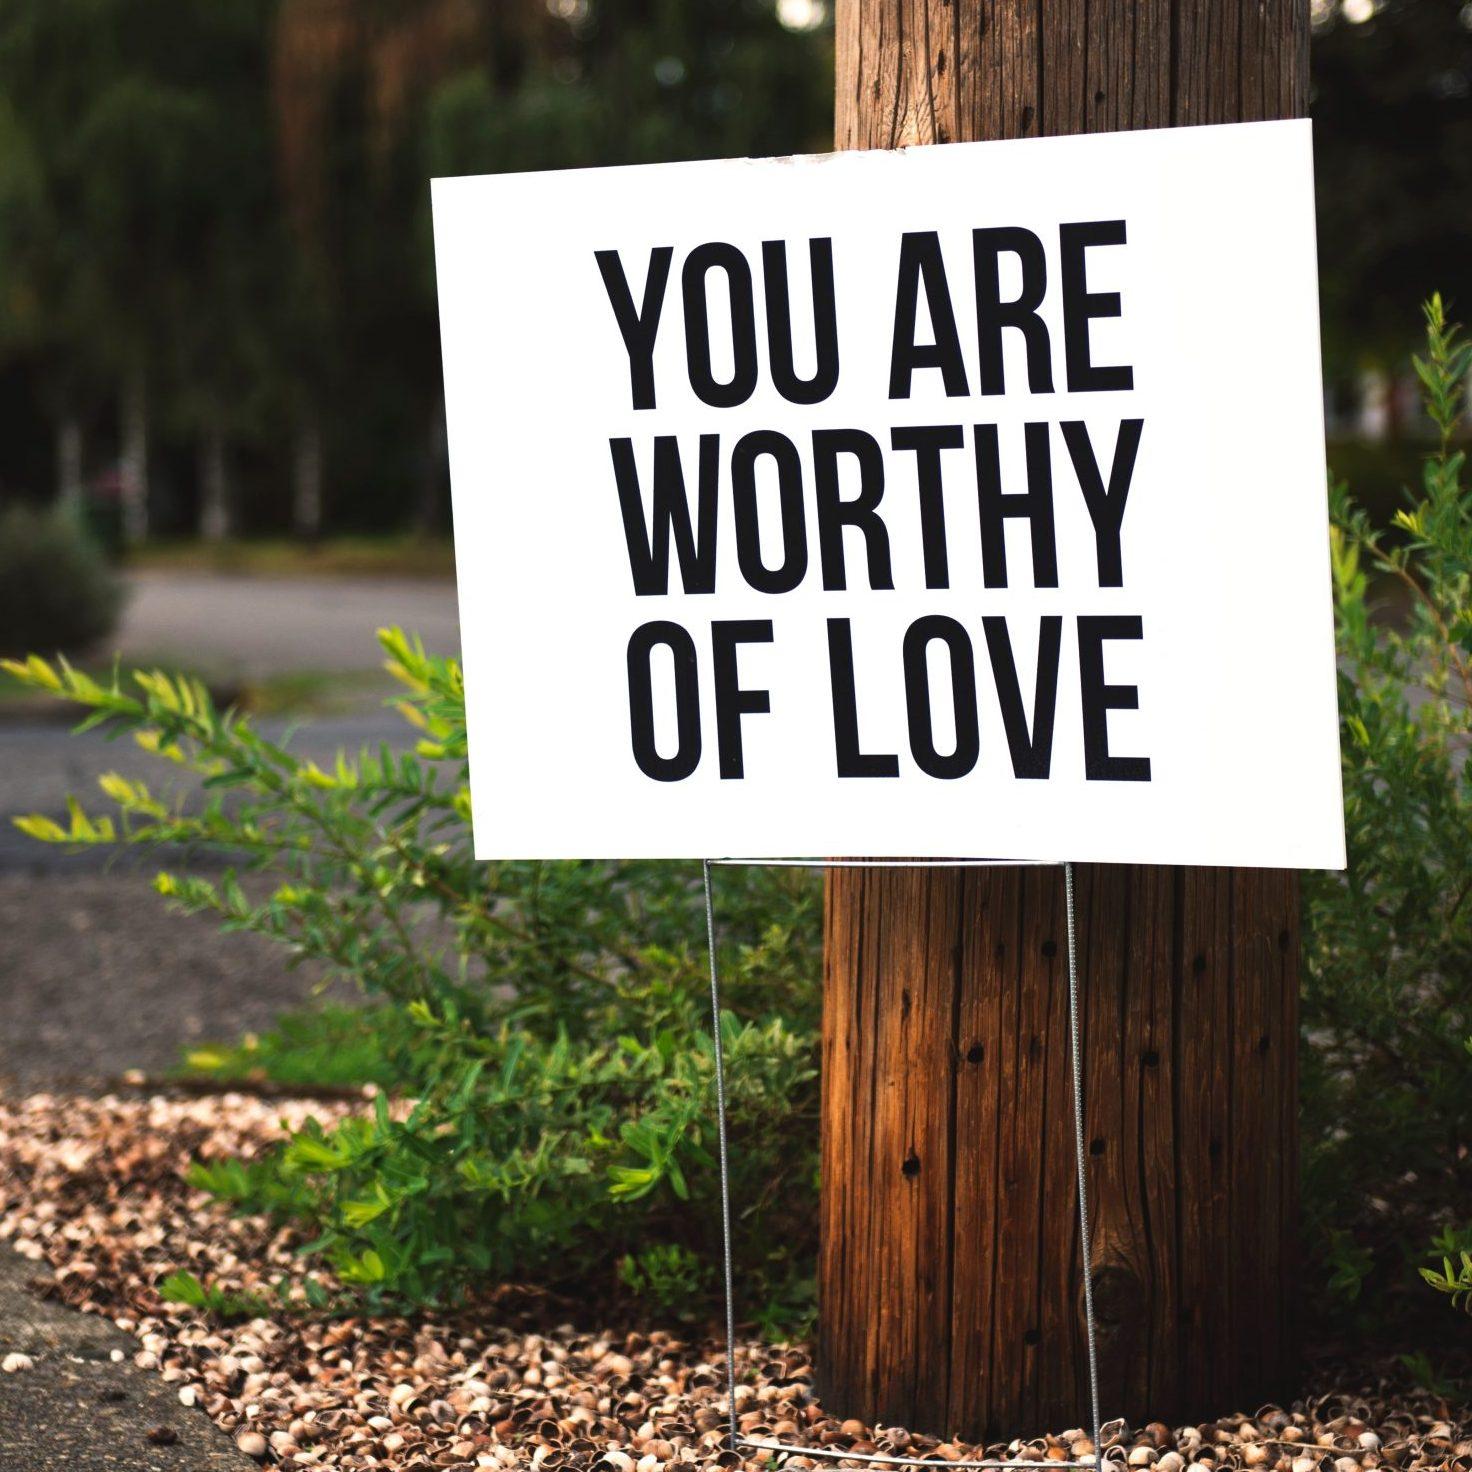 Muutama sana arkisesta rakkaudesta ja halusta